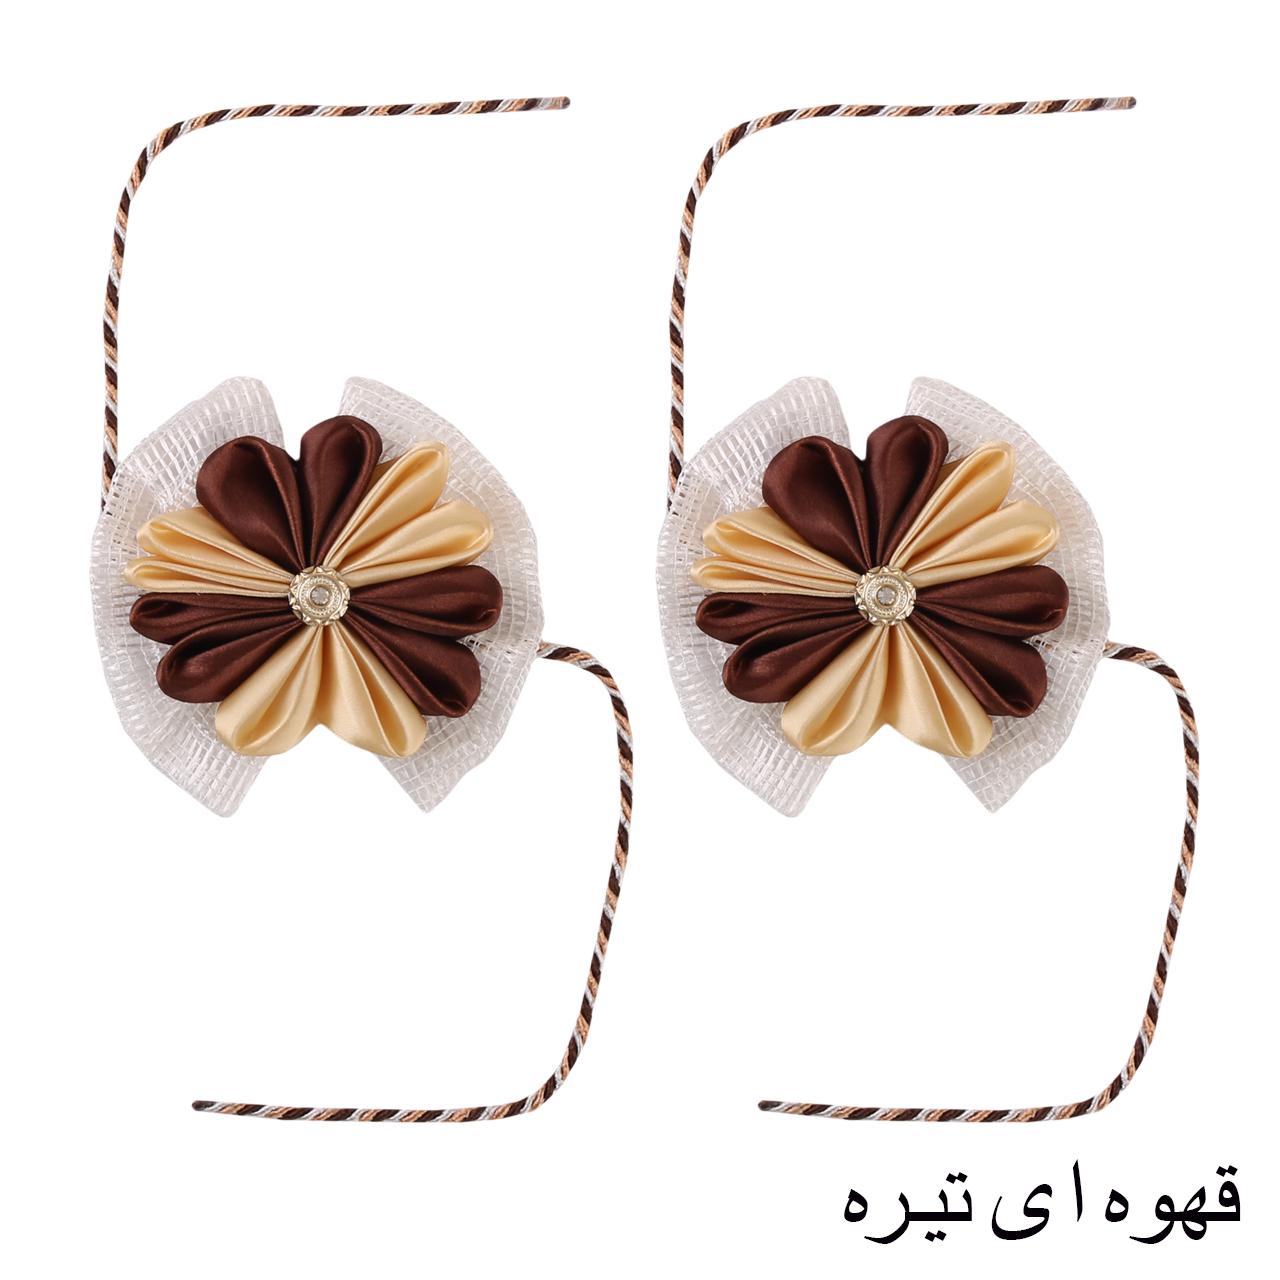 پرده جمع کن طرح گل بسته 2 عددی main 1 1